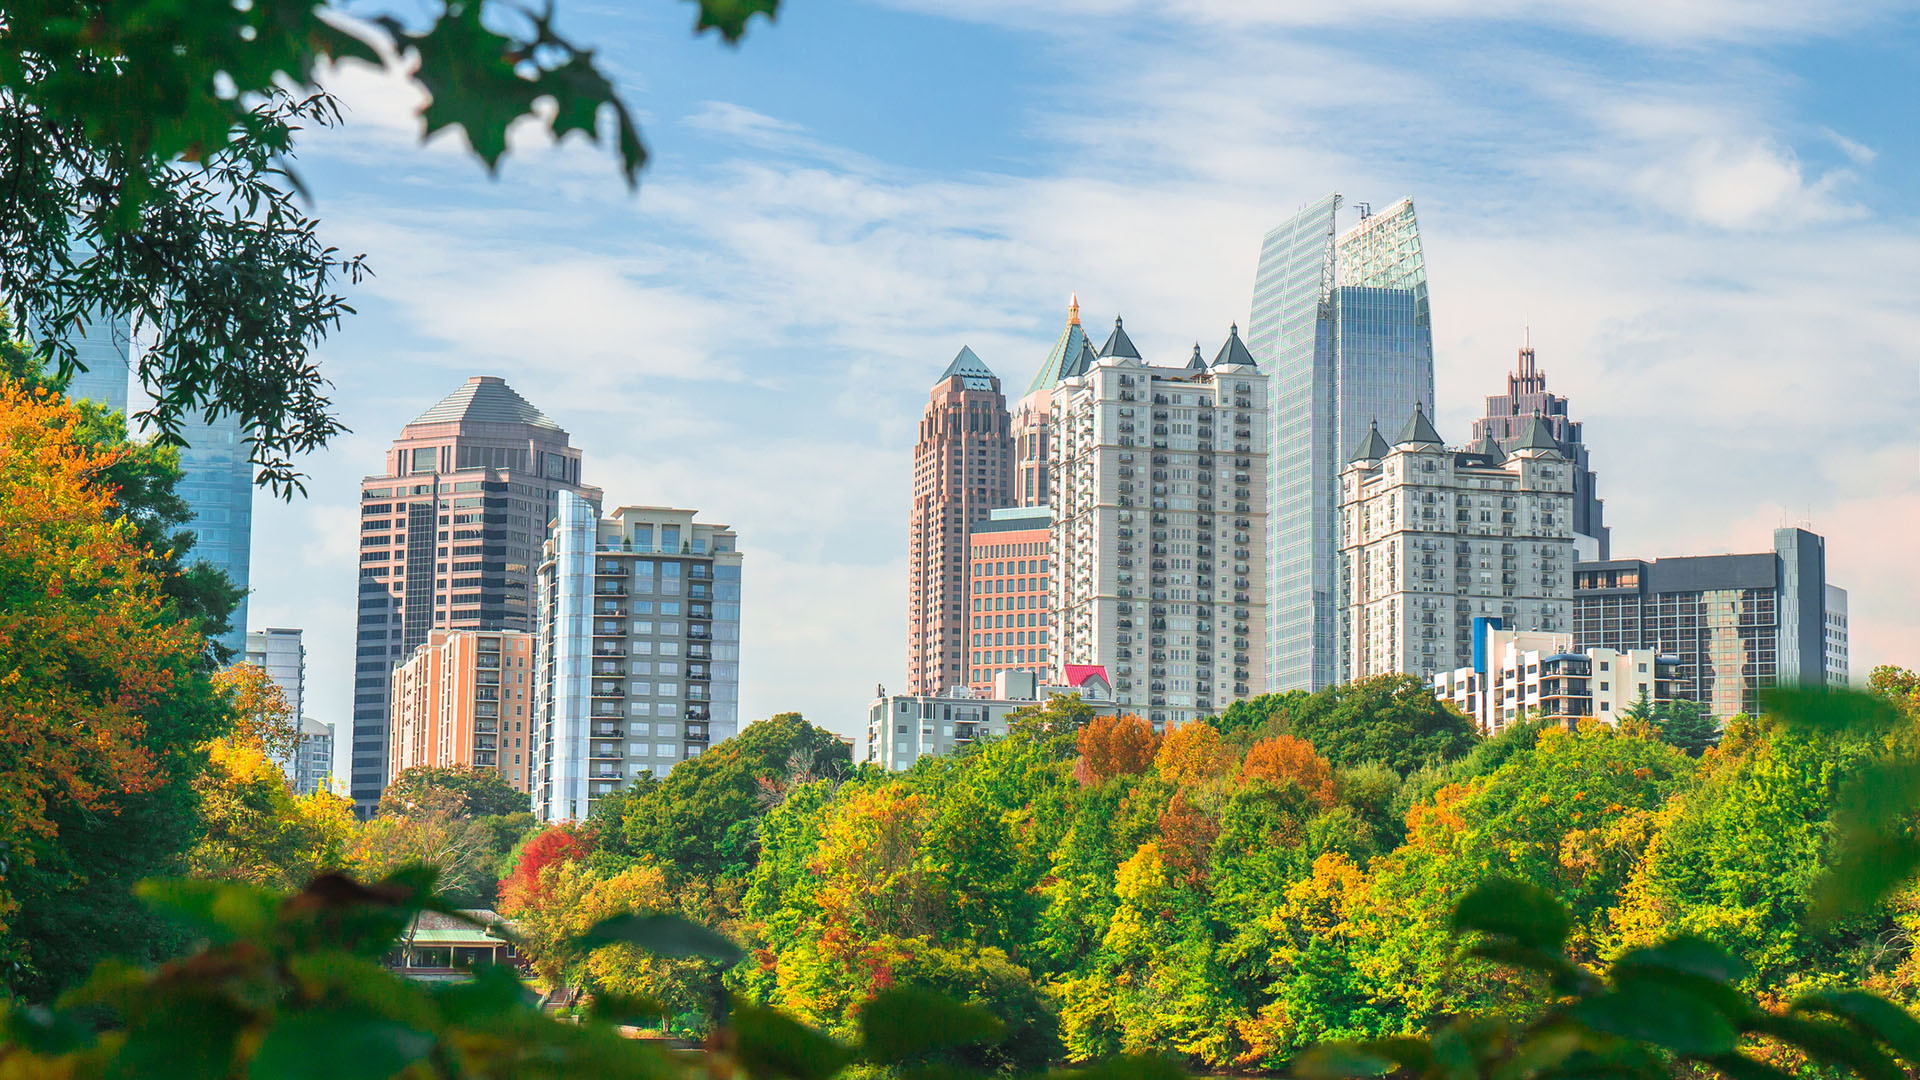 Why Atlanta?